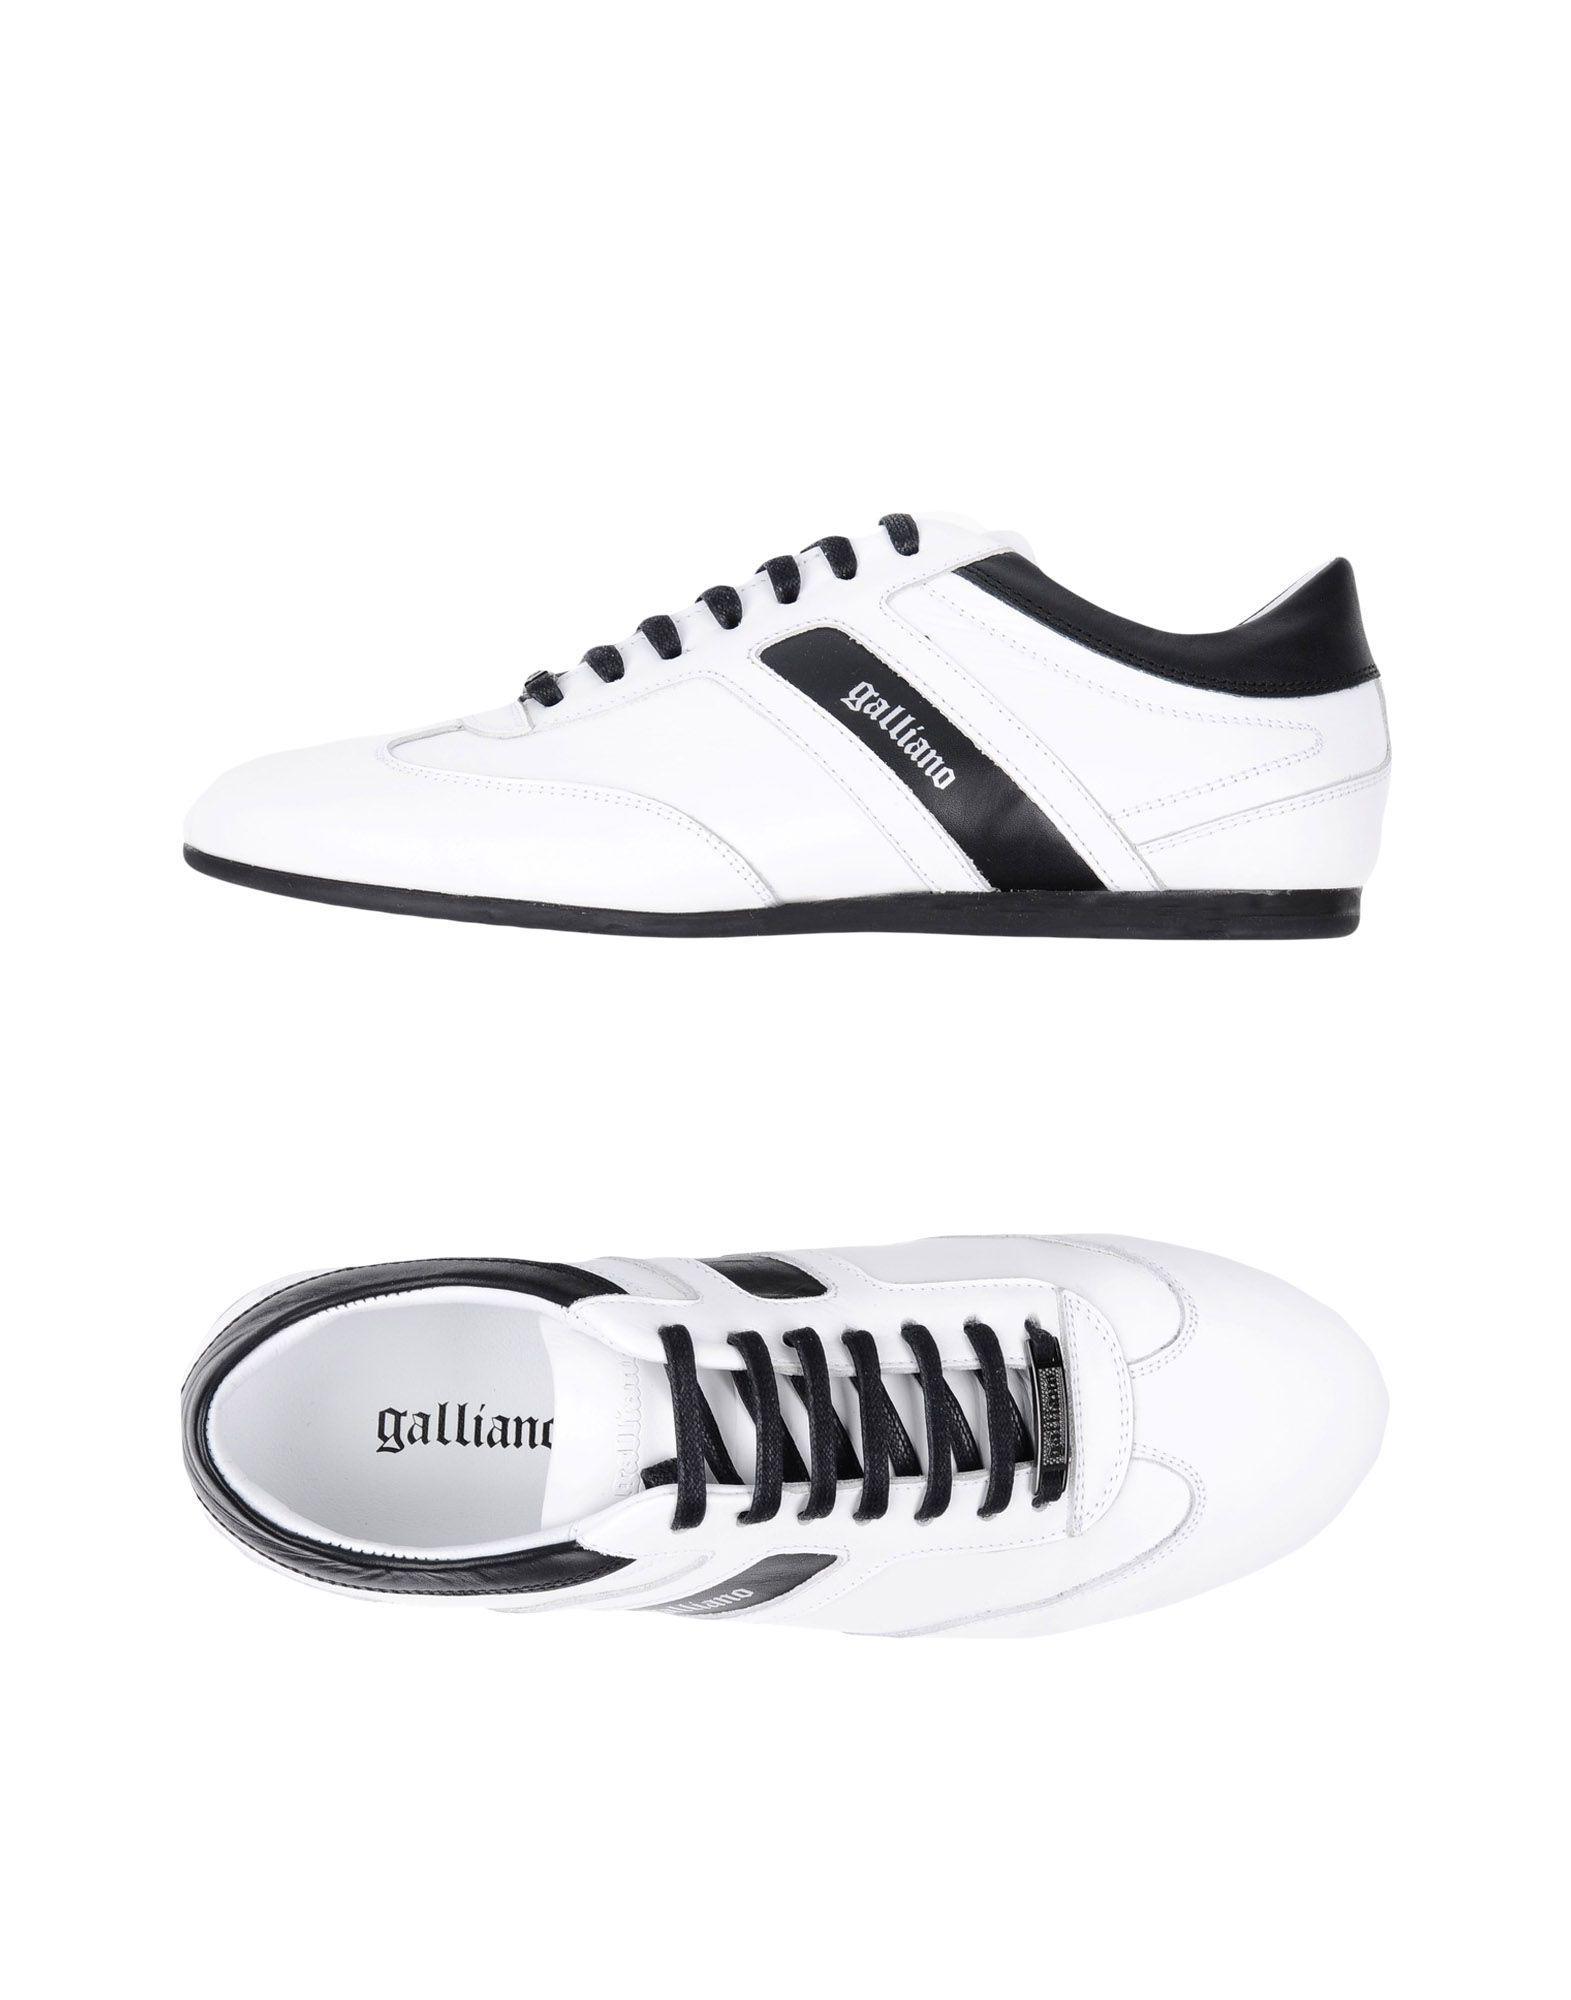 FOOTWEAR - Low-tops & sneakers John Galliano 0MXiayGR9